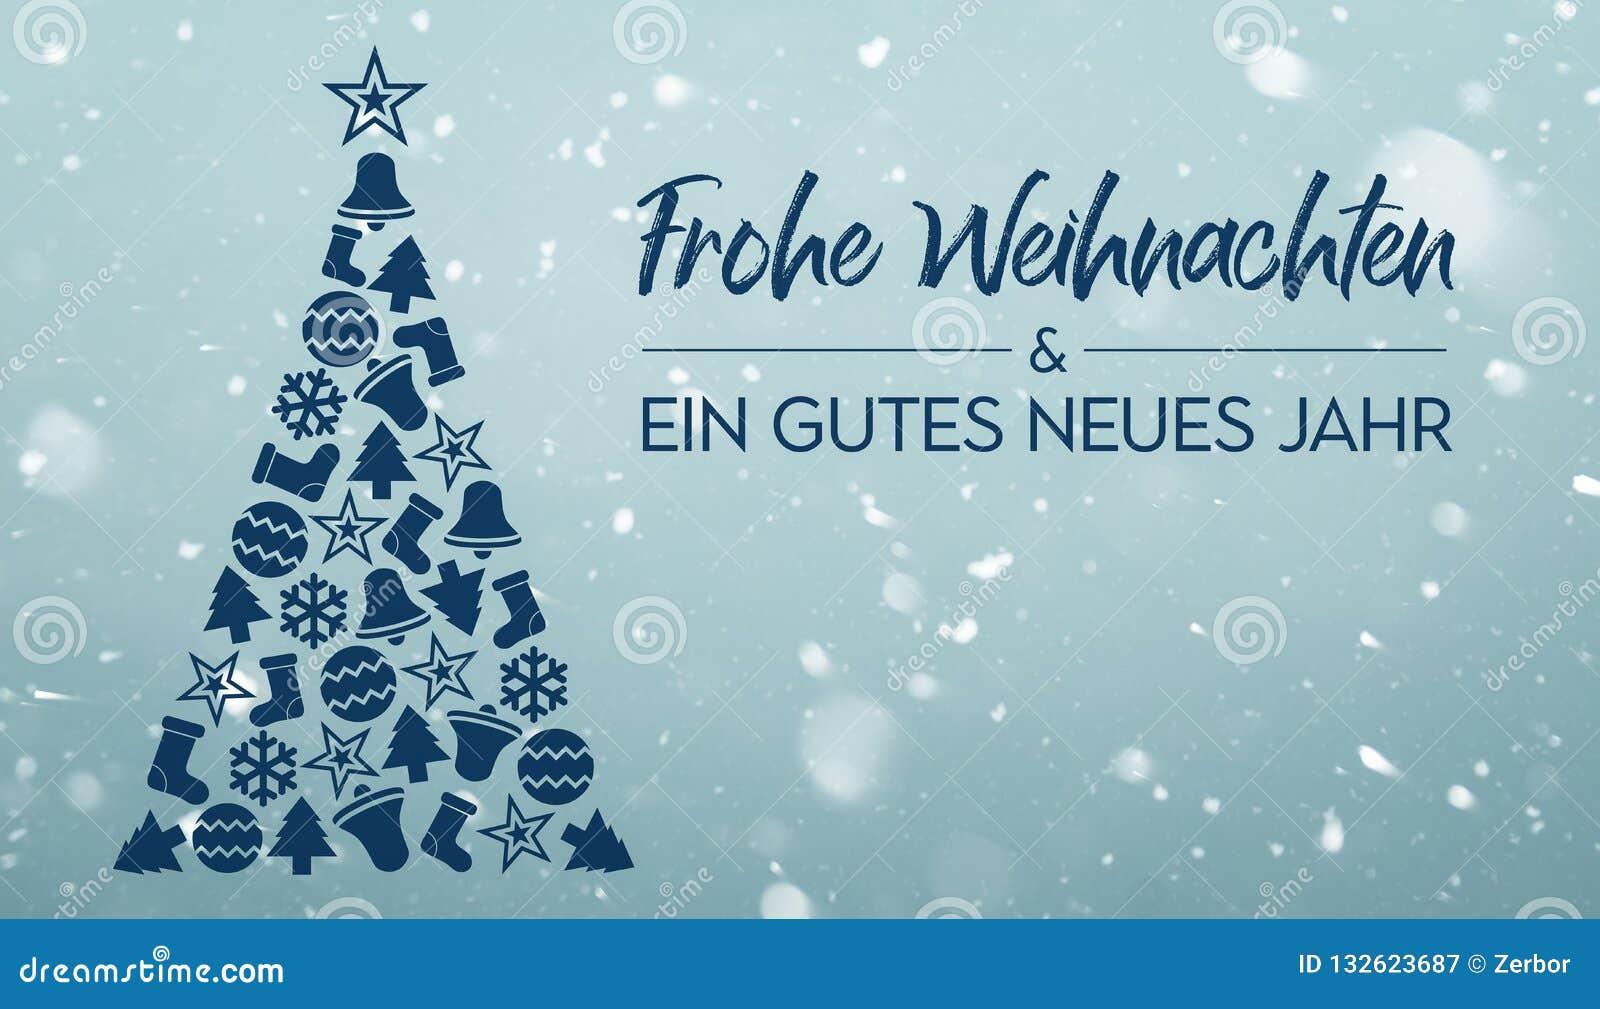 Bilder Weihnachten Neues Jahr.Und Frohe Weihnachten Ein Gutes Neues Jahr Frohe Weihnachten Und